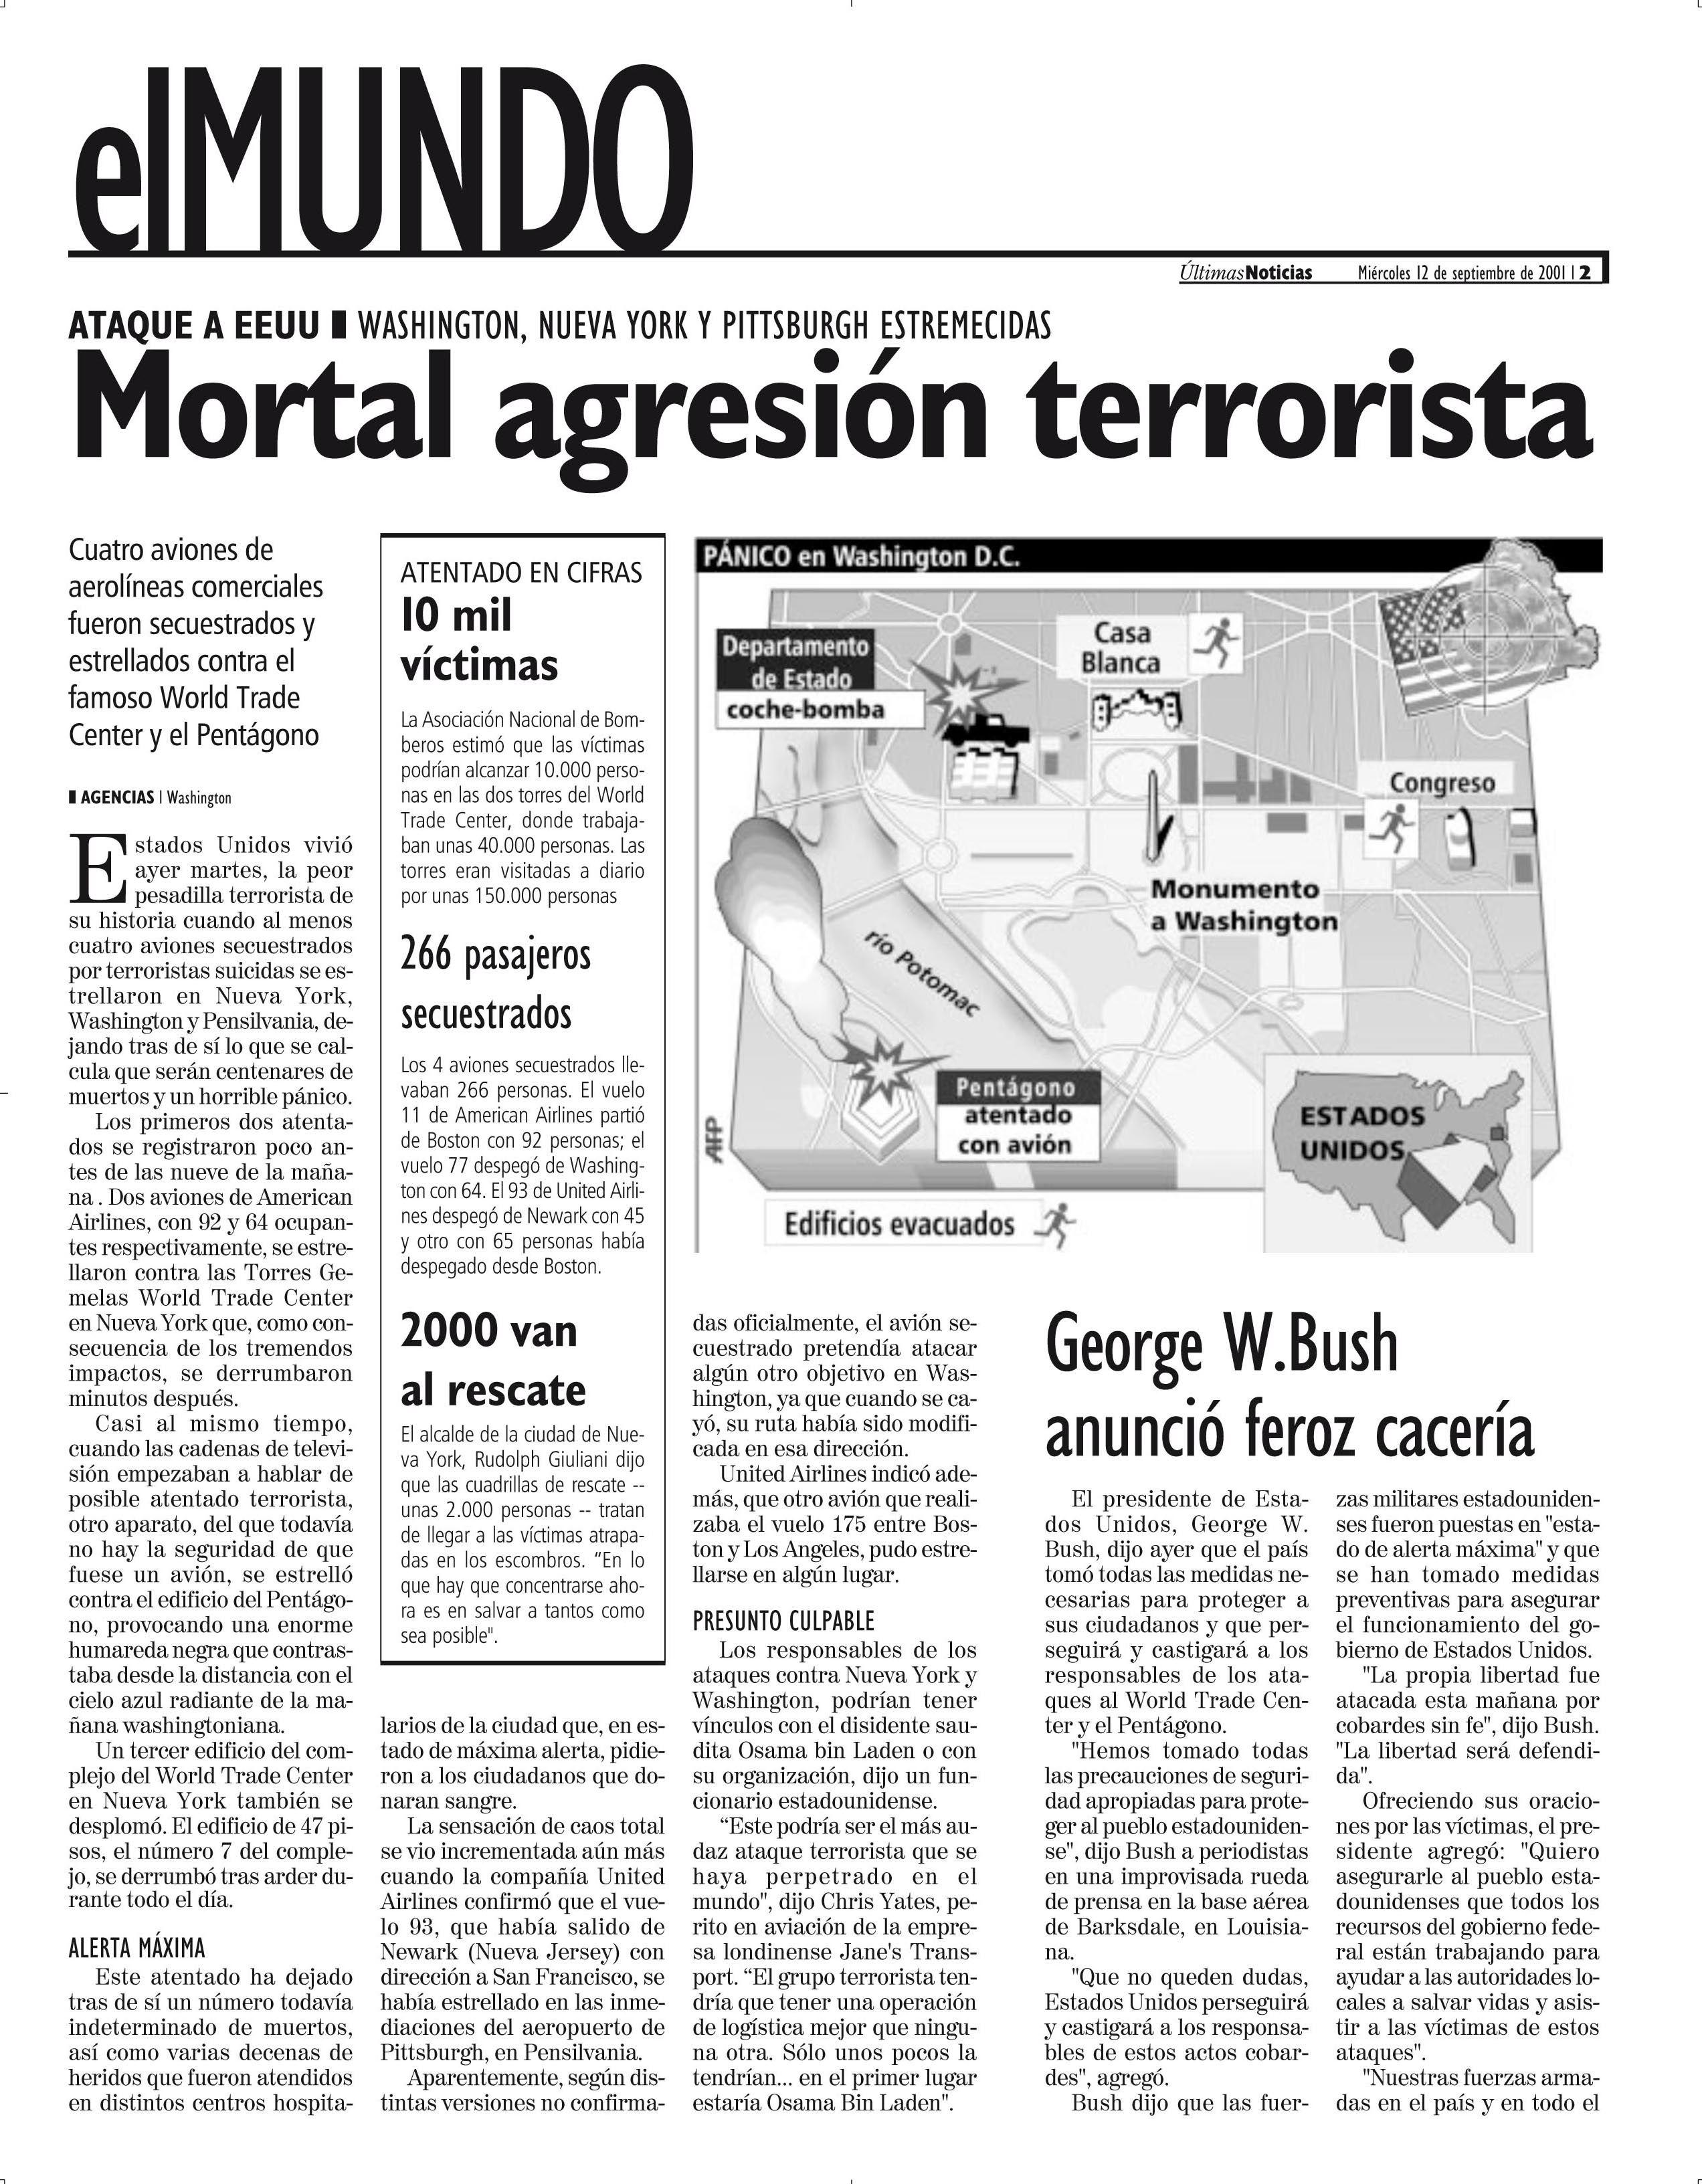 Resena Del Diario Ultimas Noticias Sobre El Atentadoa De Las Torres Gemelas En Nueva